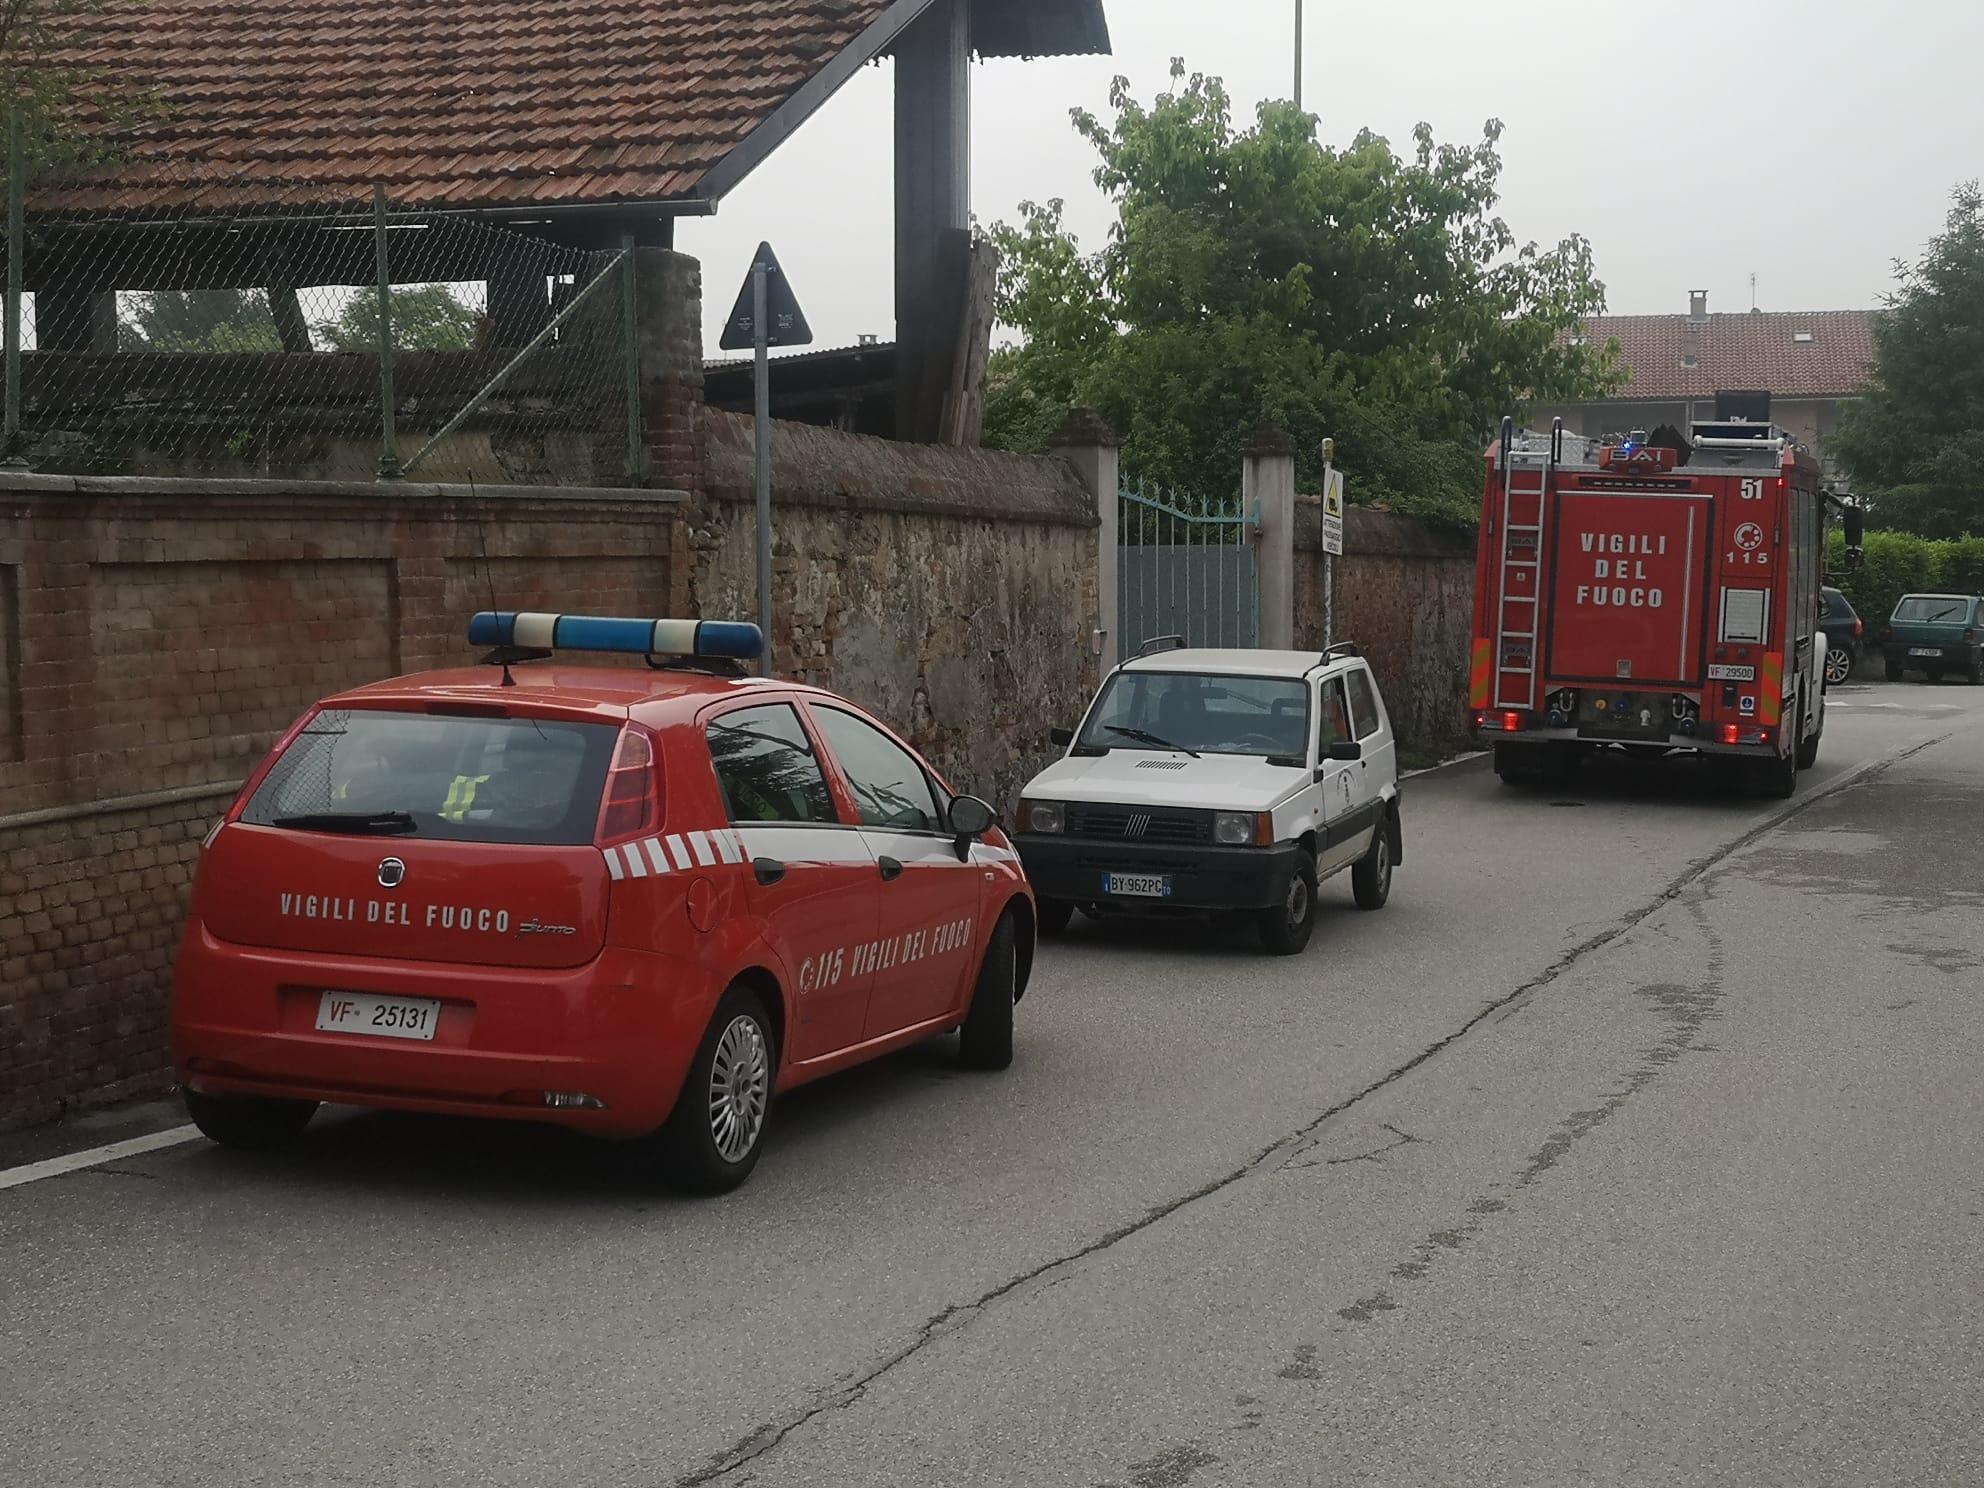 Roulotte esplode a Trofarello. I vigili del fuoco hanno subito fermato l'incendio. L'occupante è stato portato d'urgenza al CTO di Torino